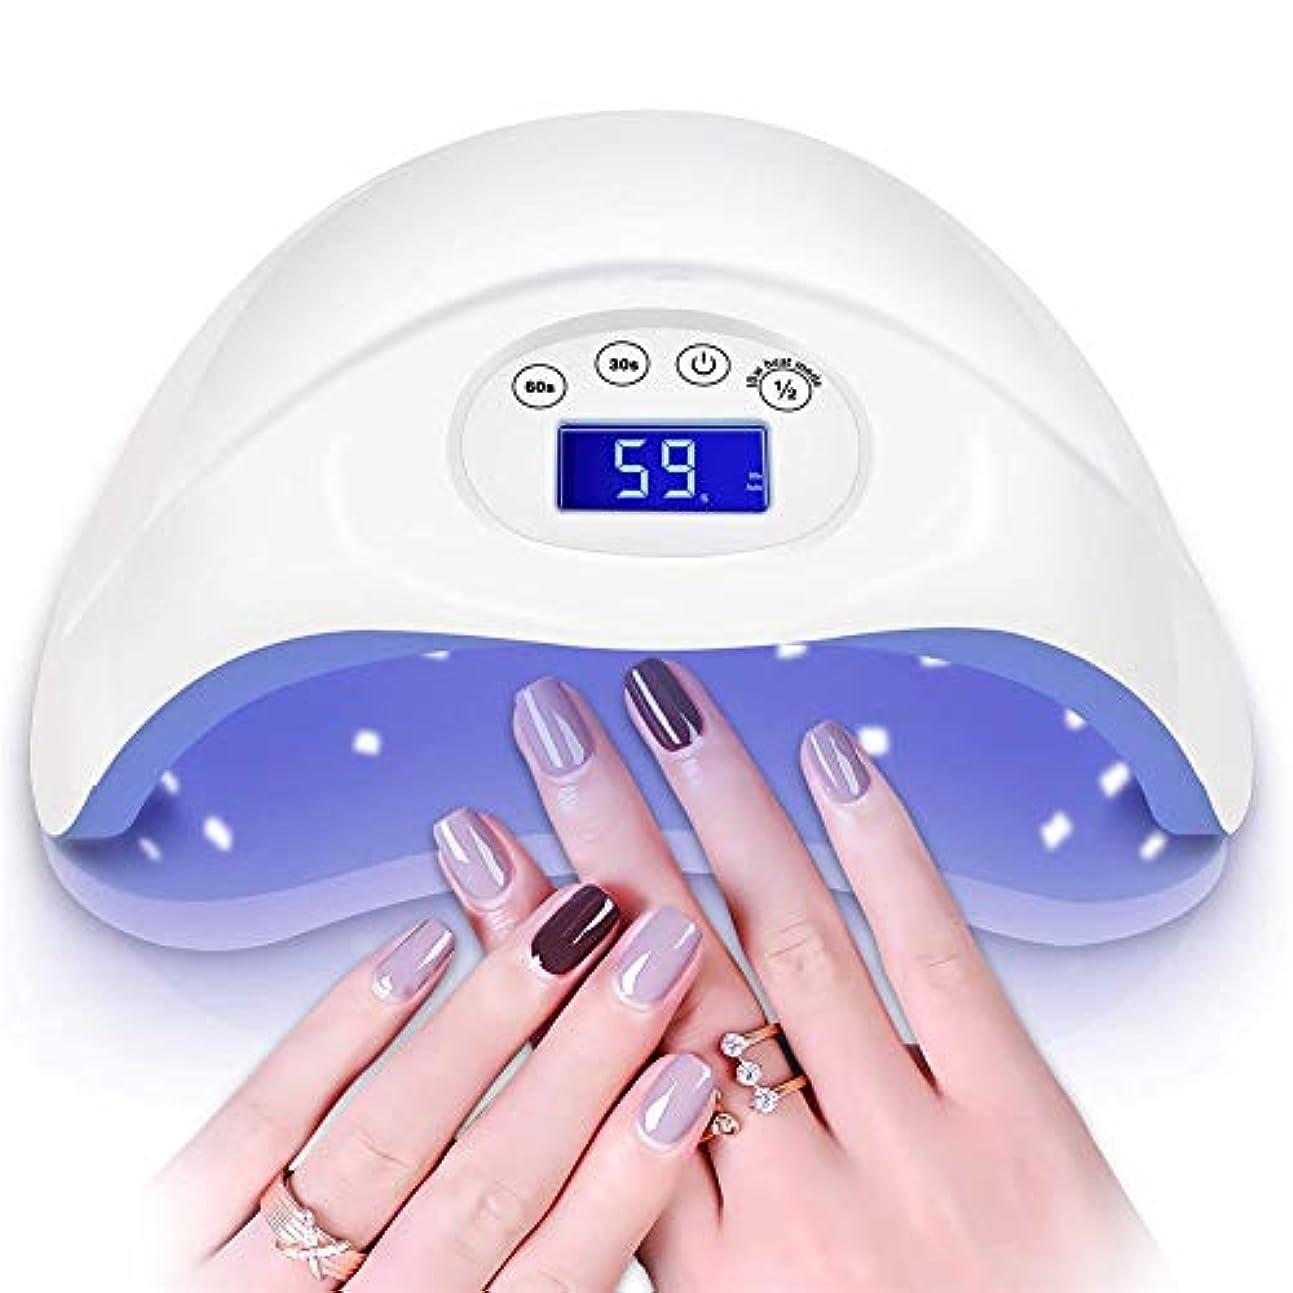 実行に渡って商業の48W UVネイルランプ、自動センサーと爪または足の爪用のスイッチを備えたネイルドライヤー、ジェルネイル用のプロフェッショナルUVライト、サロンまたはネイル愛好家向けのタイマー設定